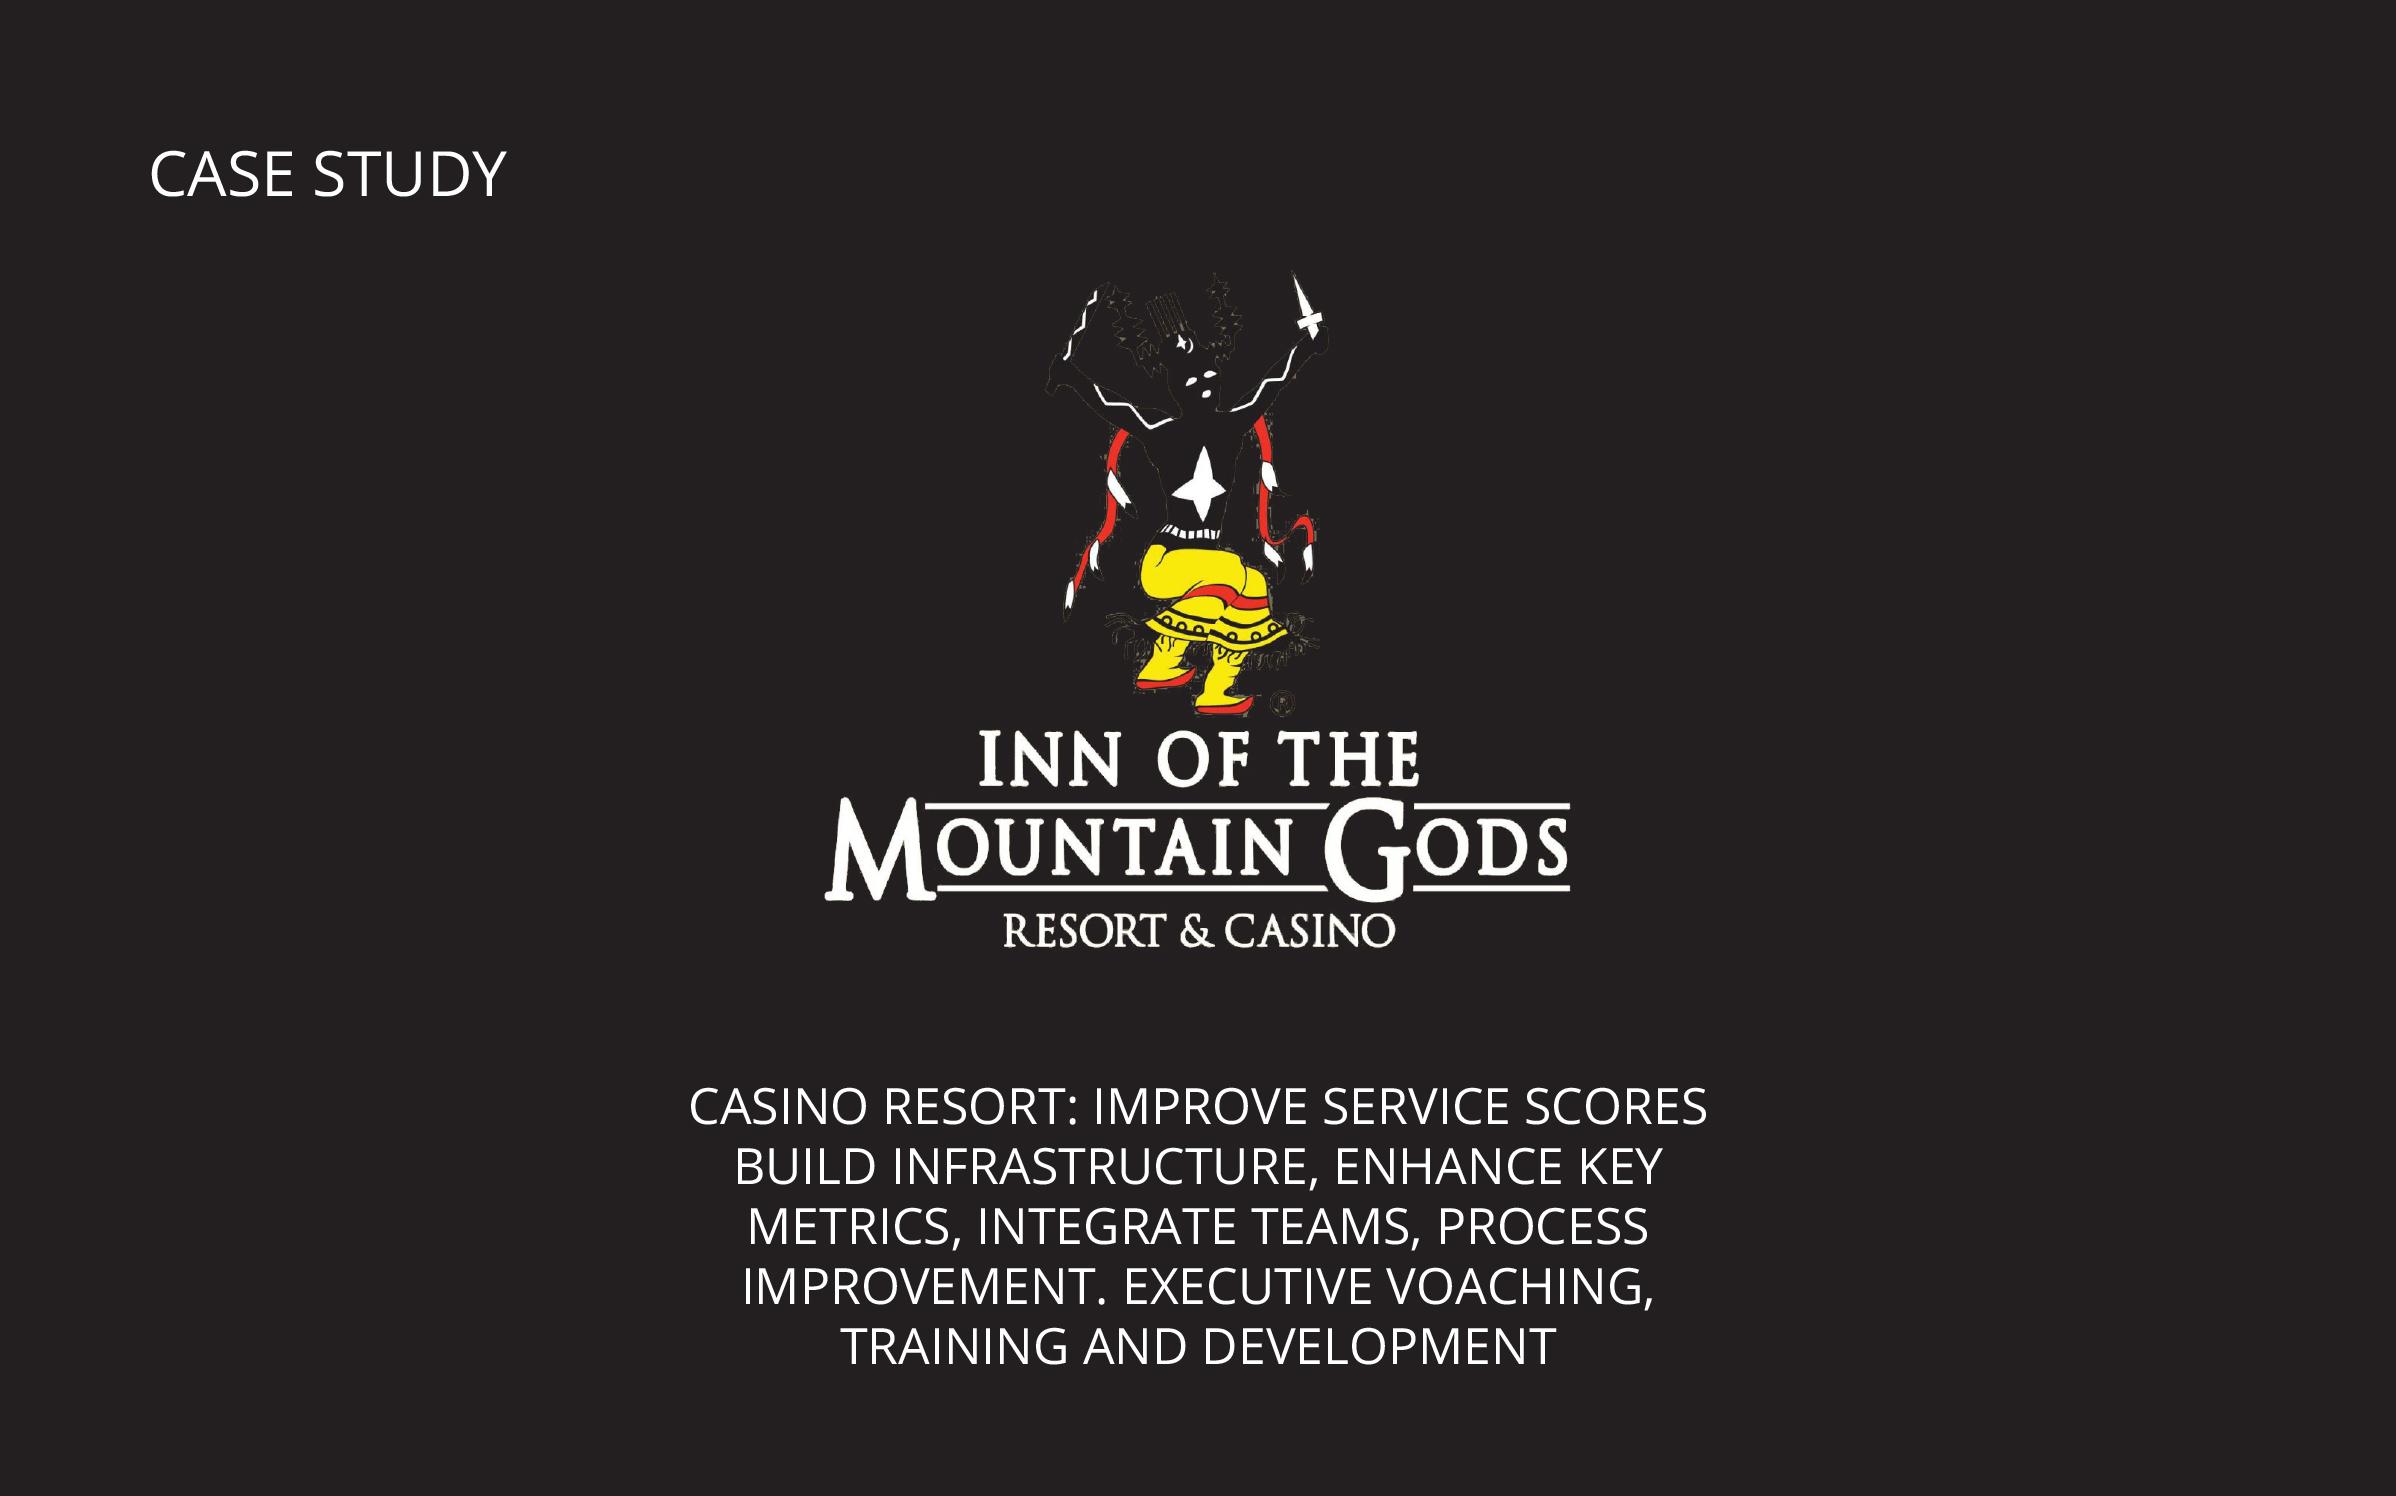 Inn of the Mountain Gods.jpg